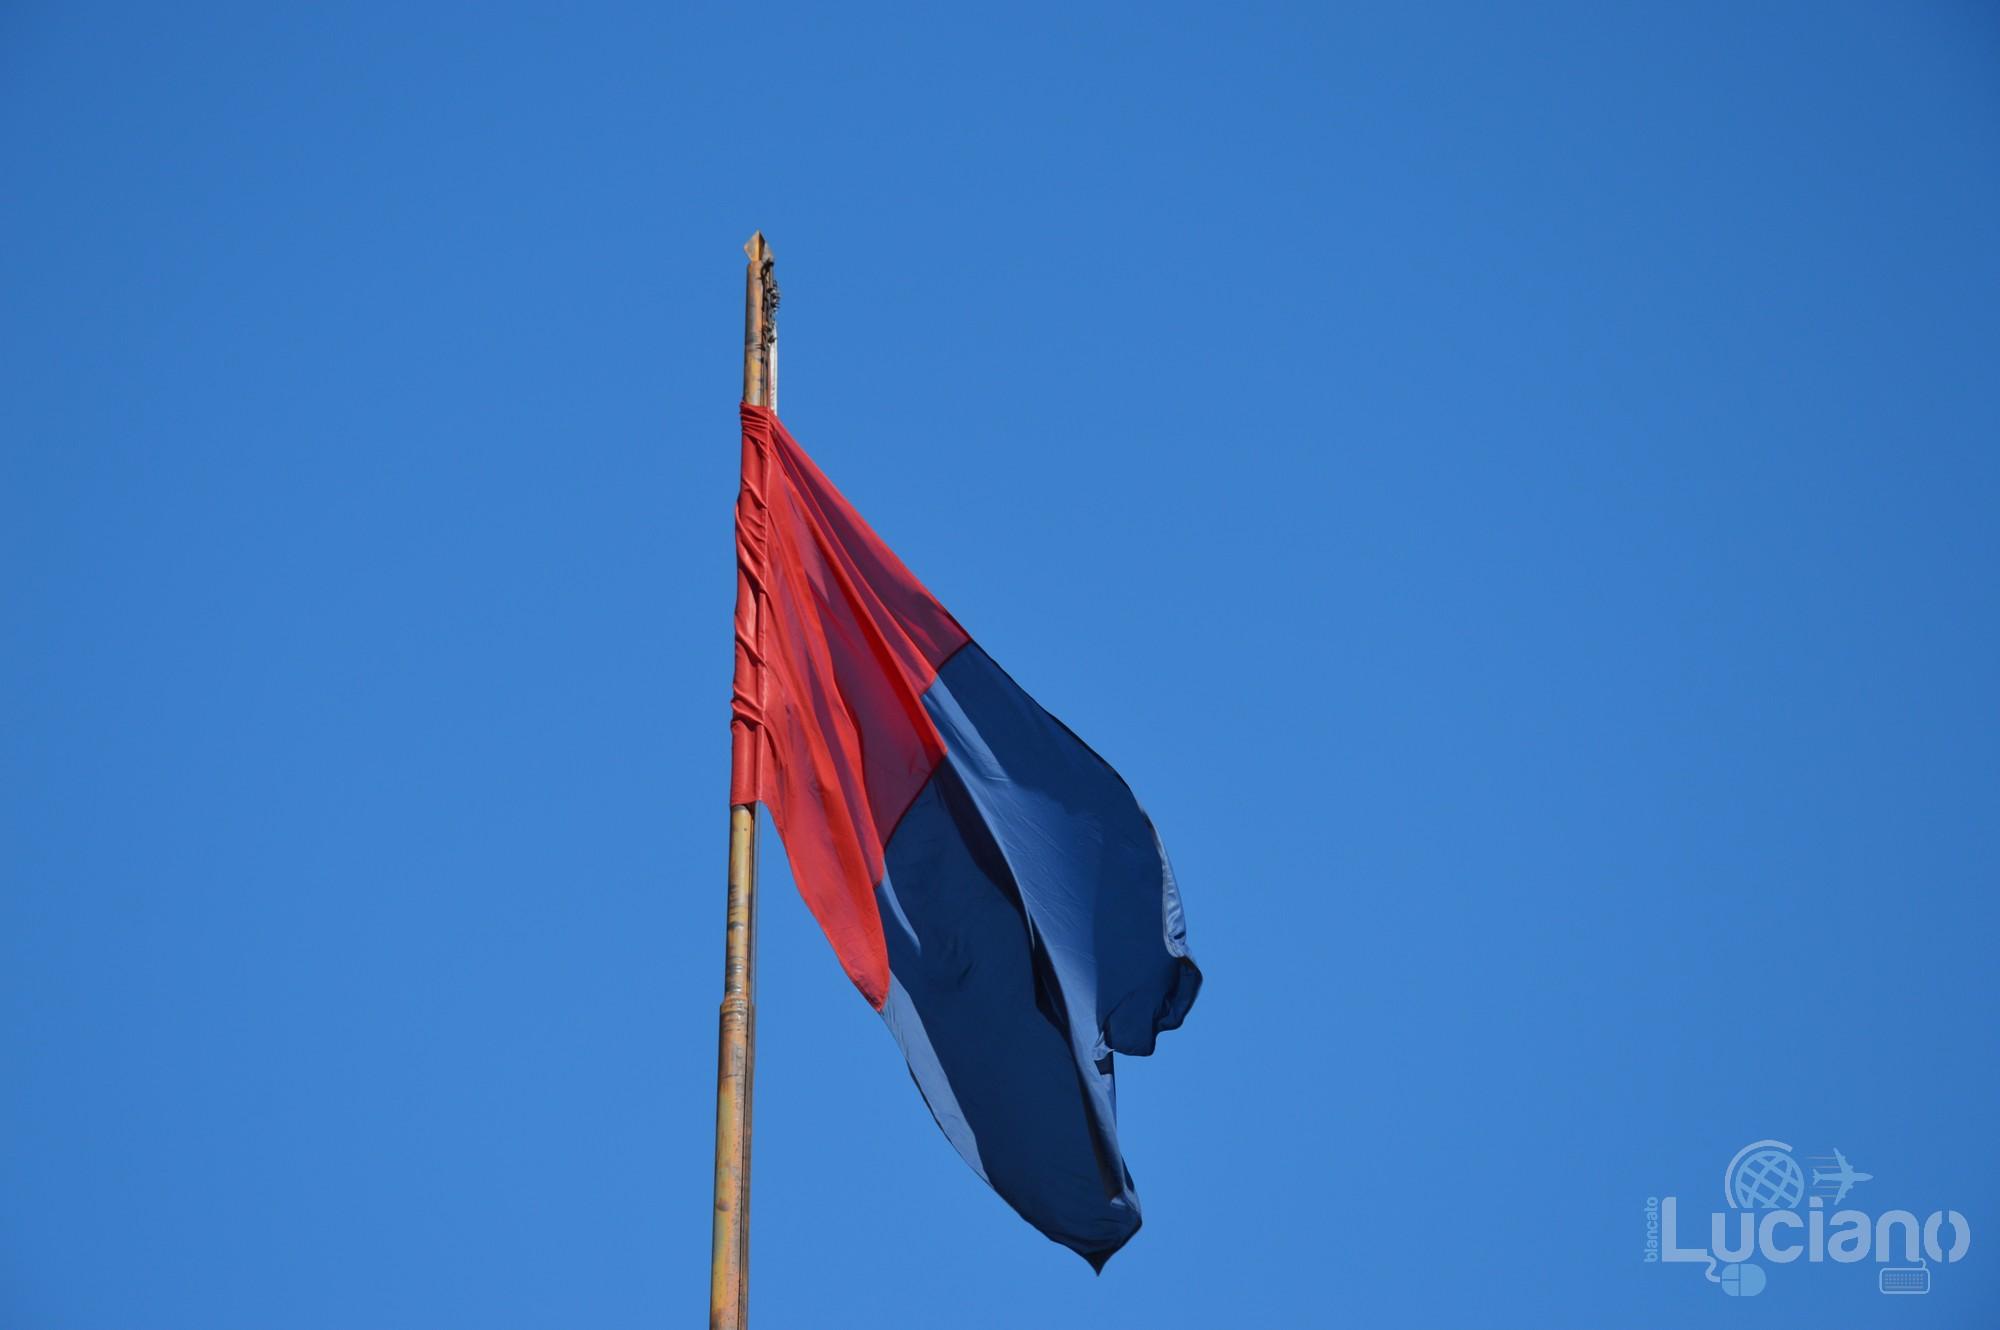 Bandiera di Catania - In giro per catania, durante i festeggiamenti per Sant'Agata 2019 - Catania (CT)